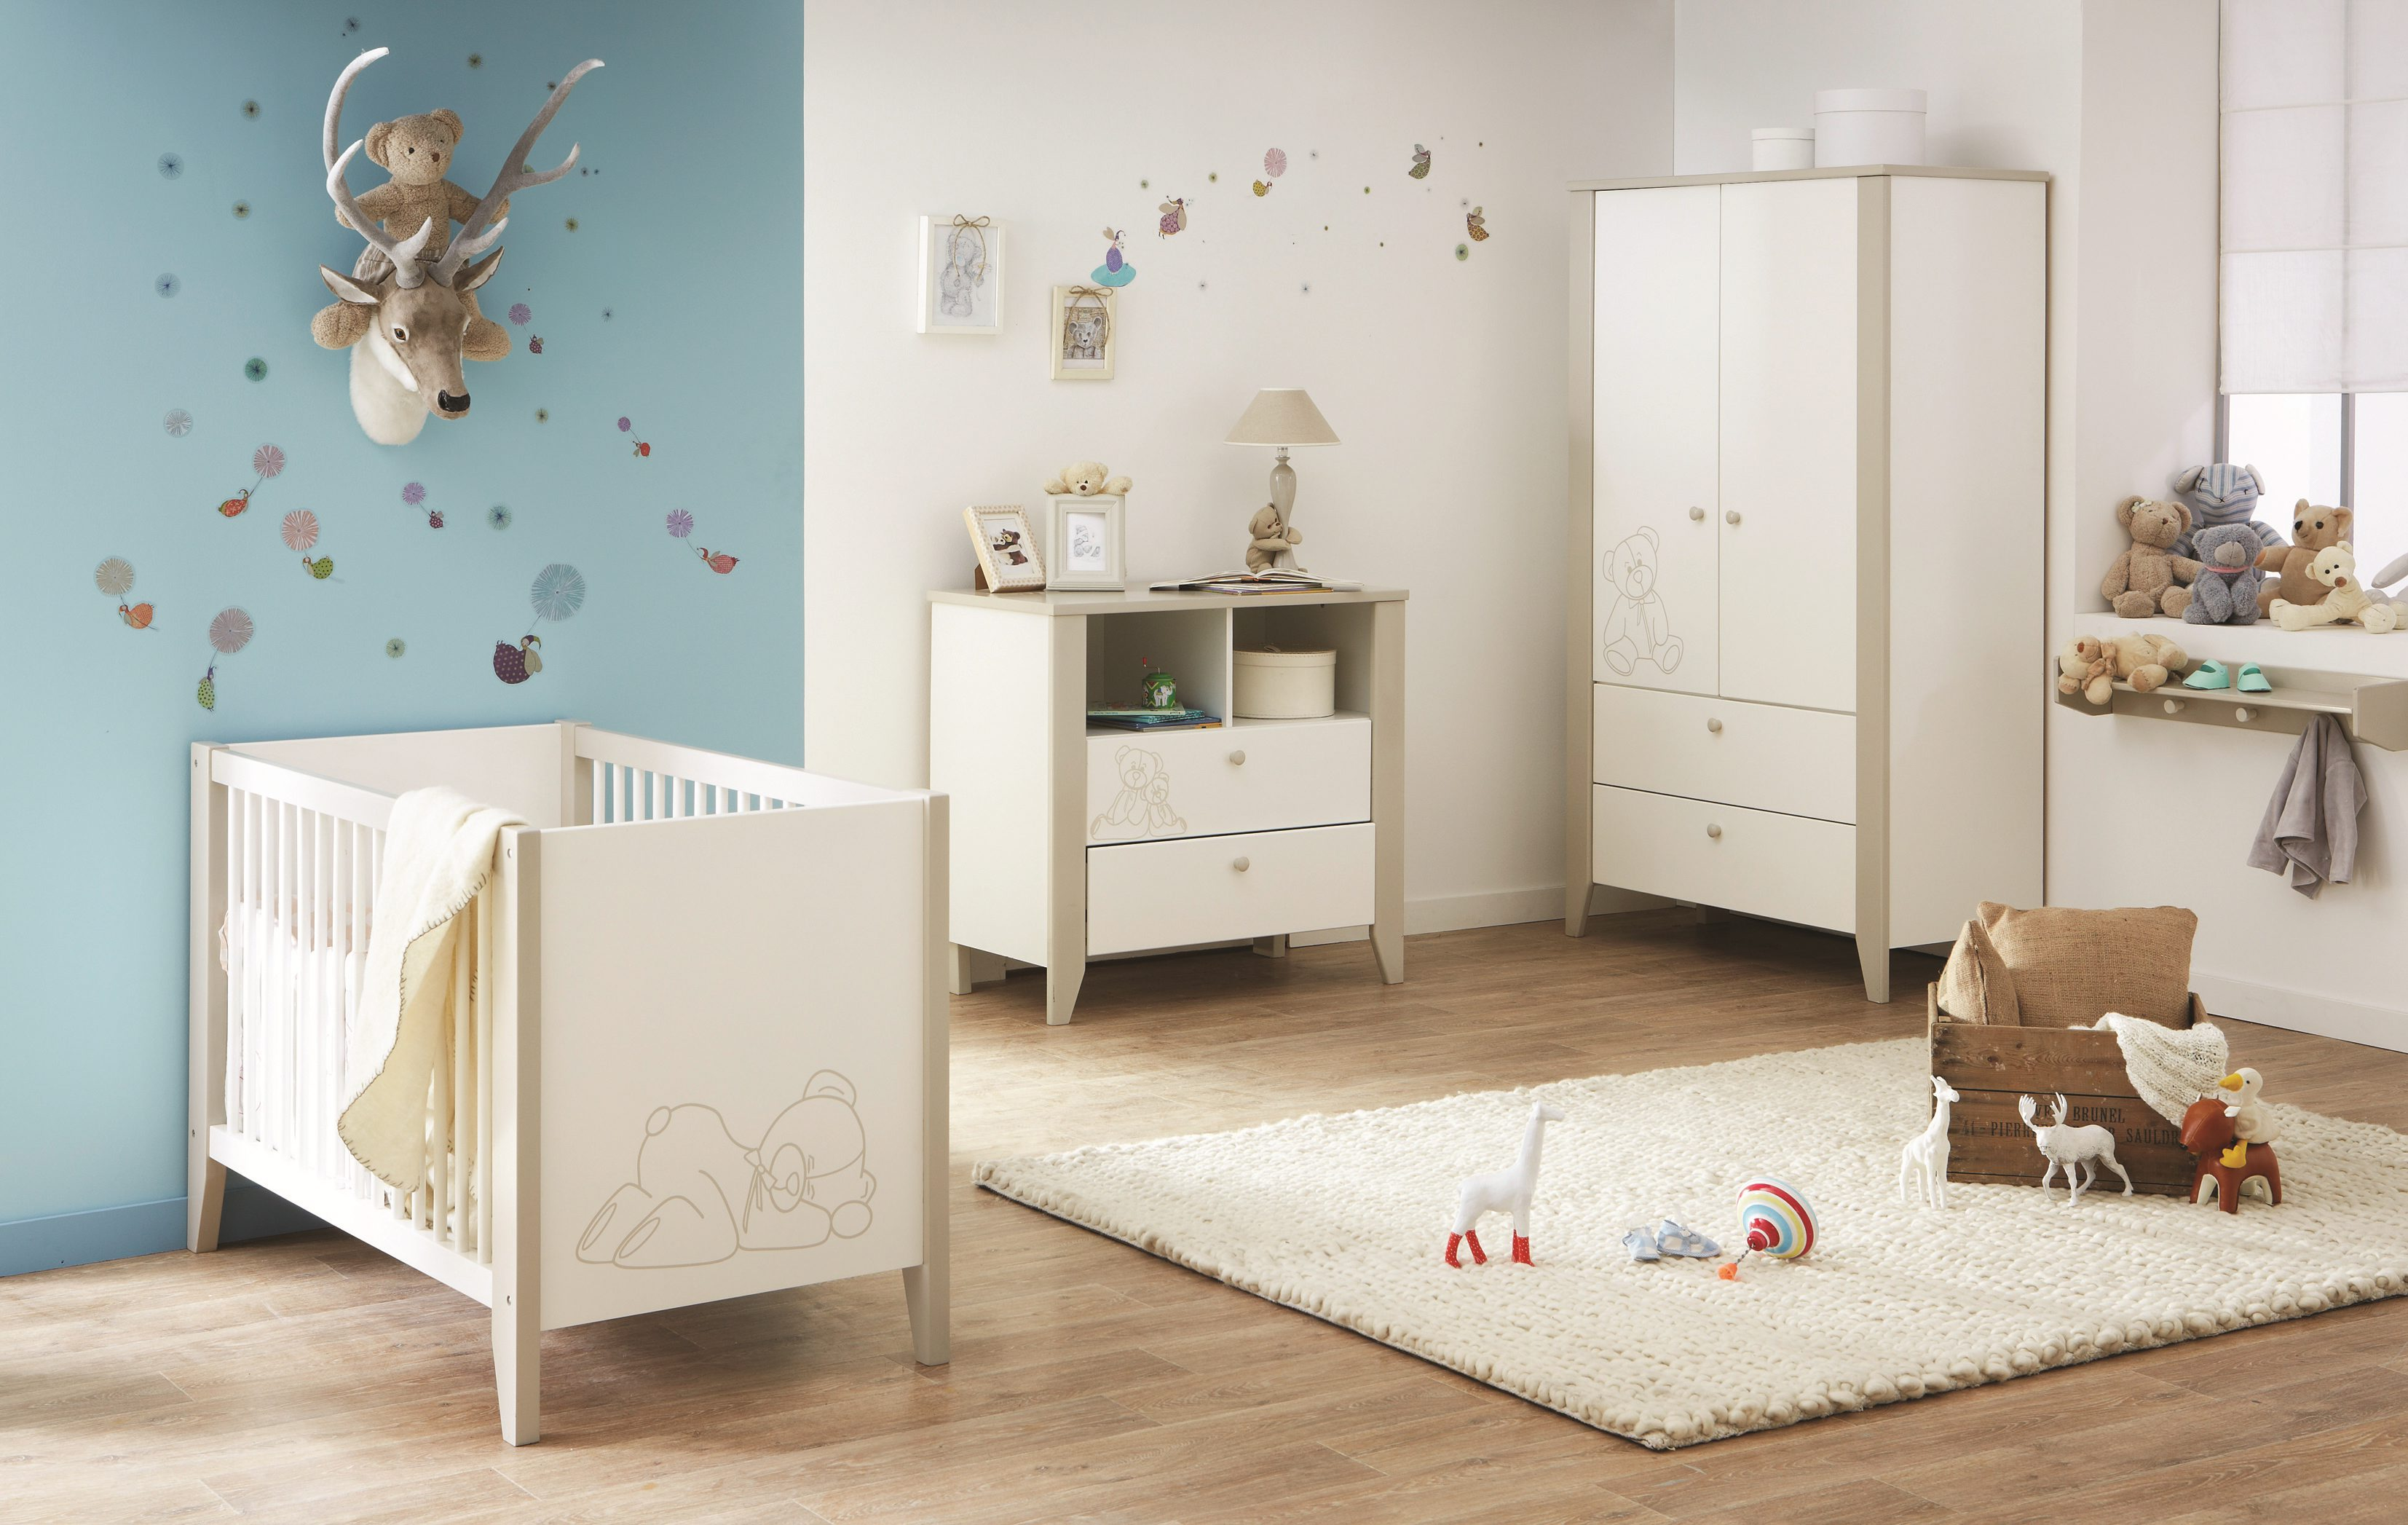 Couleur chambre b b gris bleu famille et b b - Moquette pour chambre bebe ...